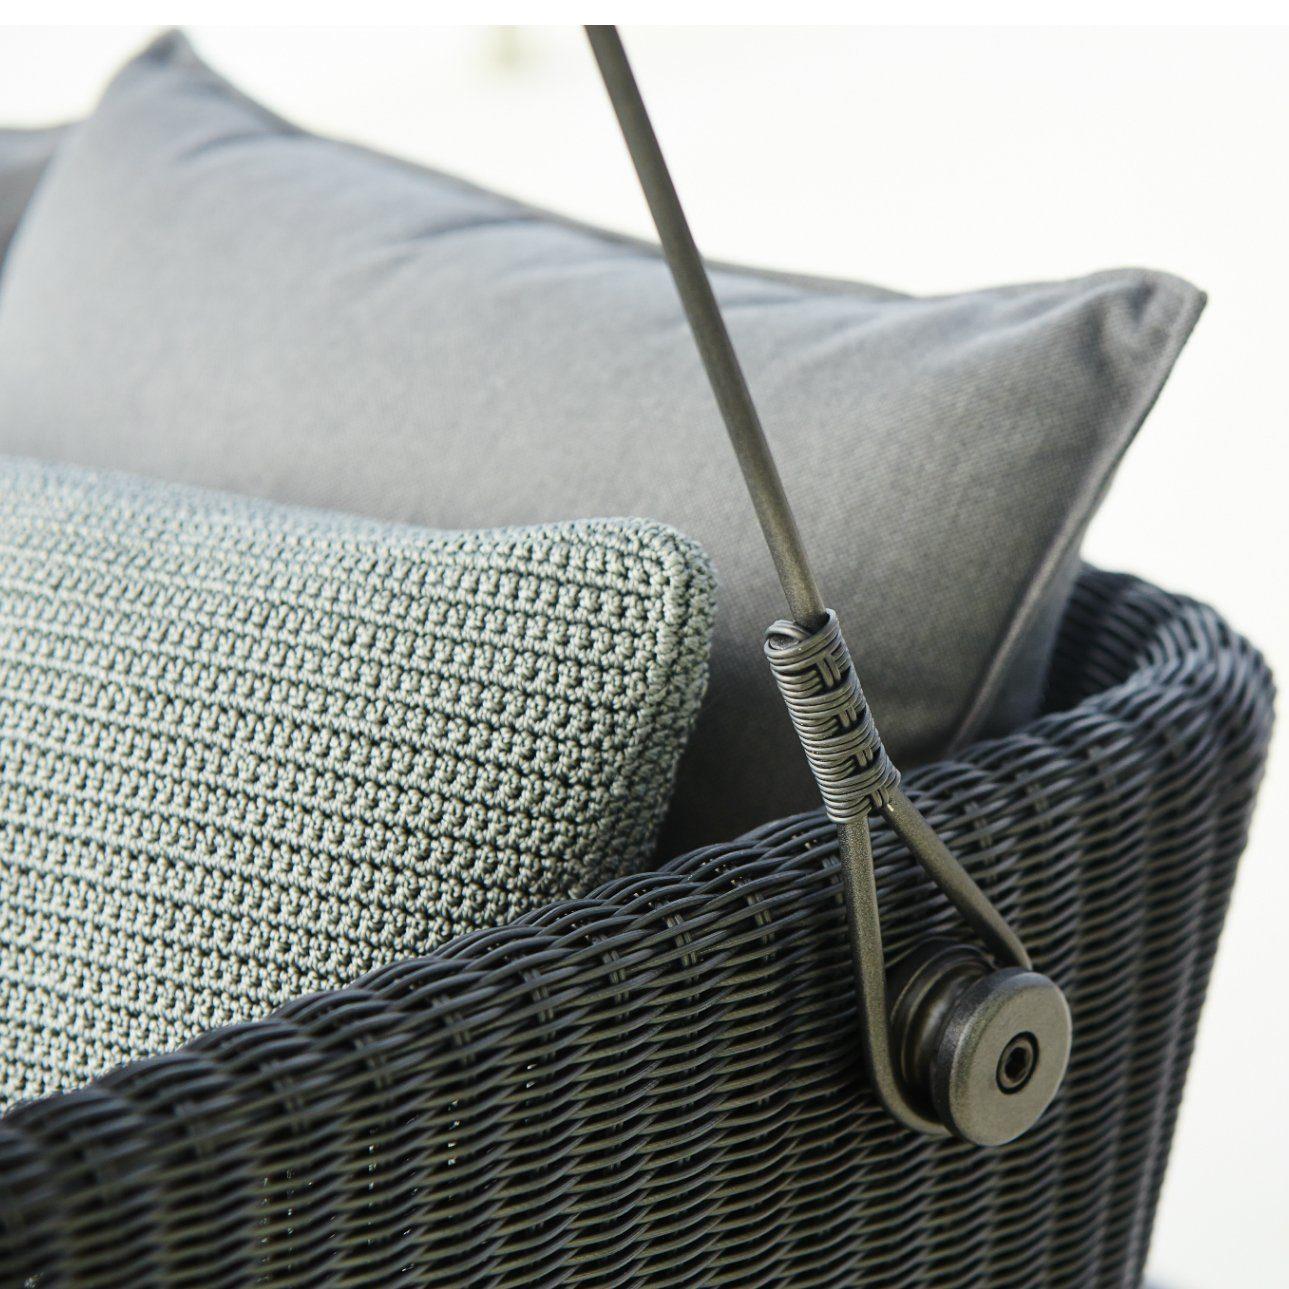 cane line gartenschaukel cave. Black Bedroom Furniture Sets. Home Design Ideas